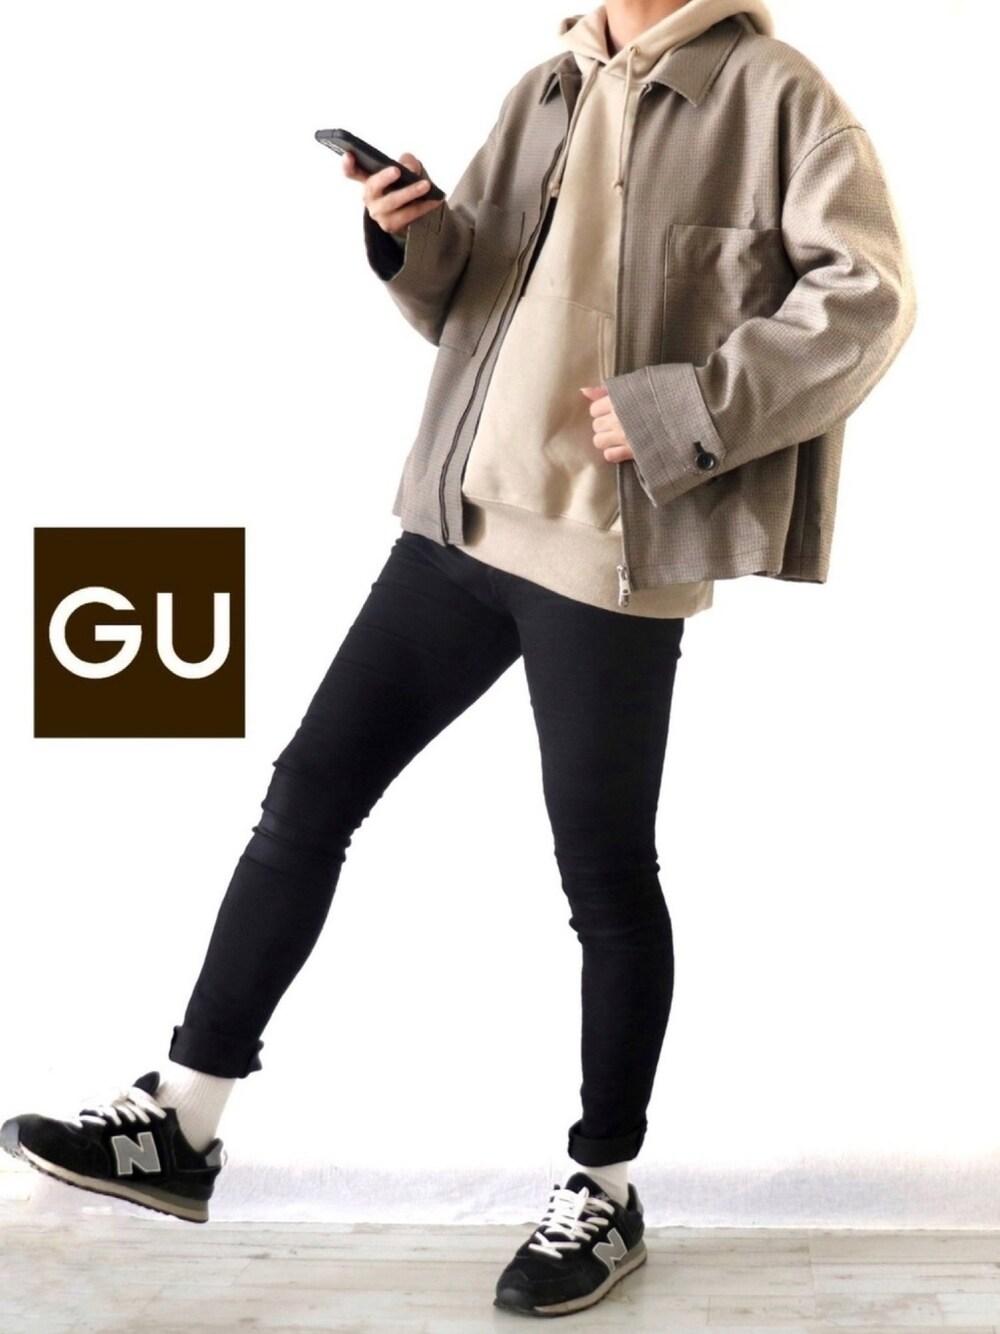 ヨーカドー ビルド 流行ファッション ビックサイズ感 おっさんに関連した画像-07